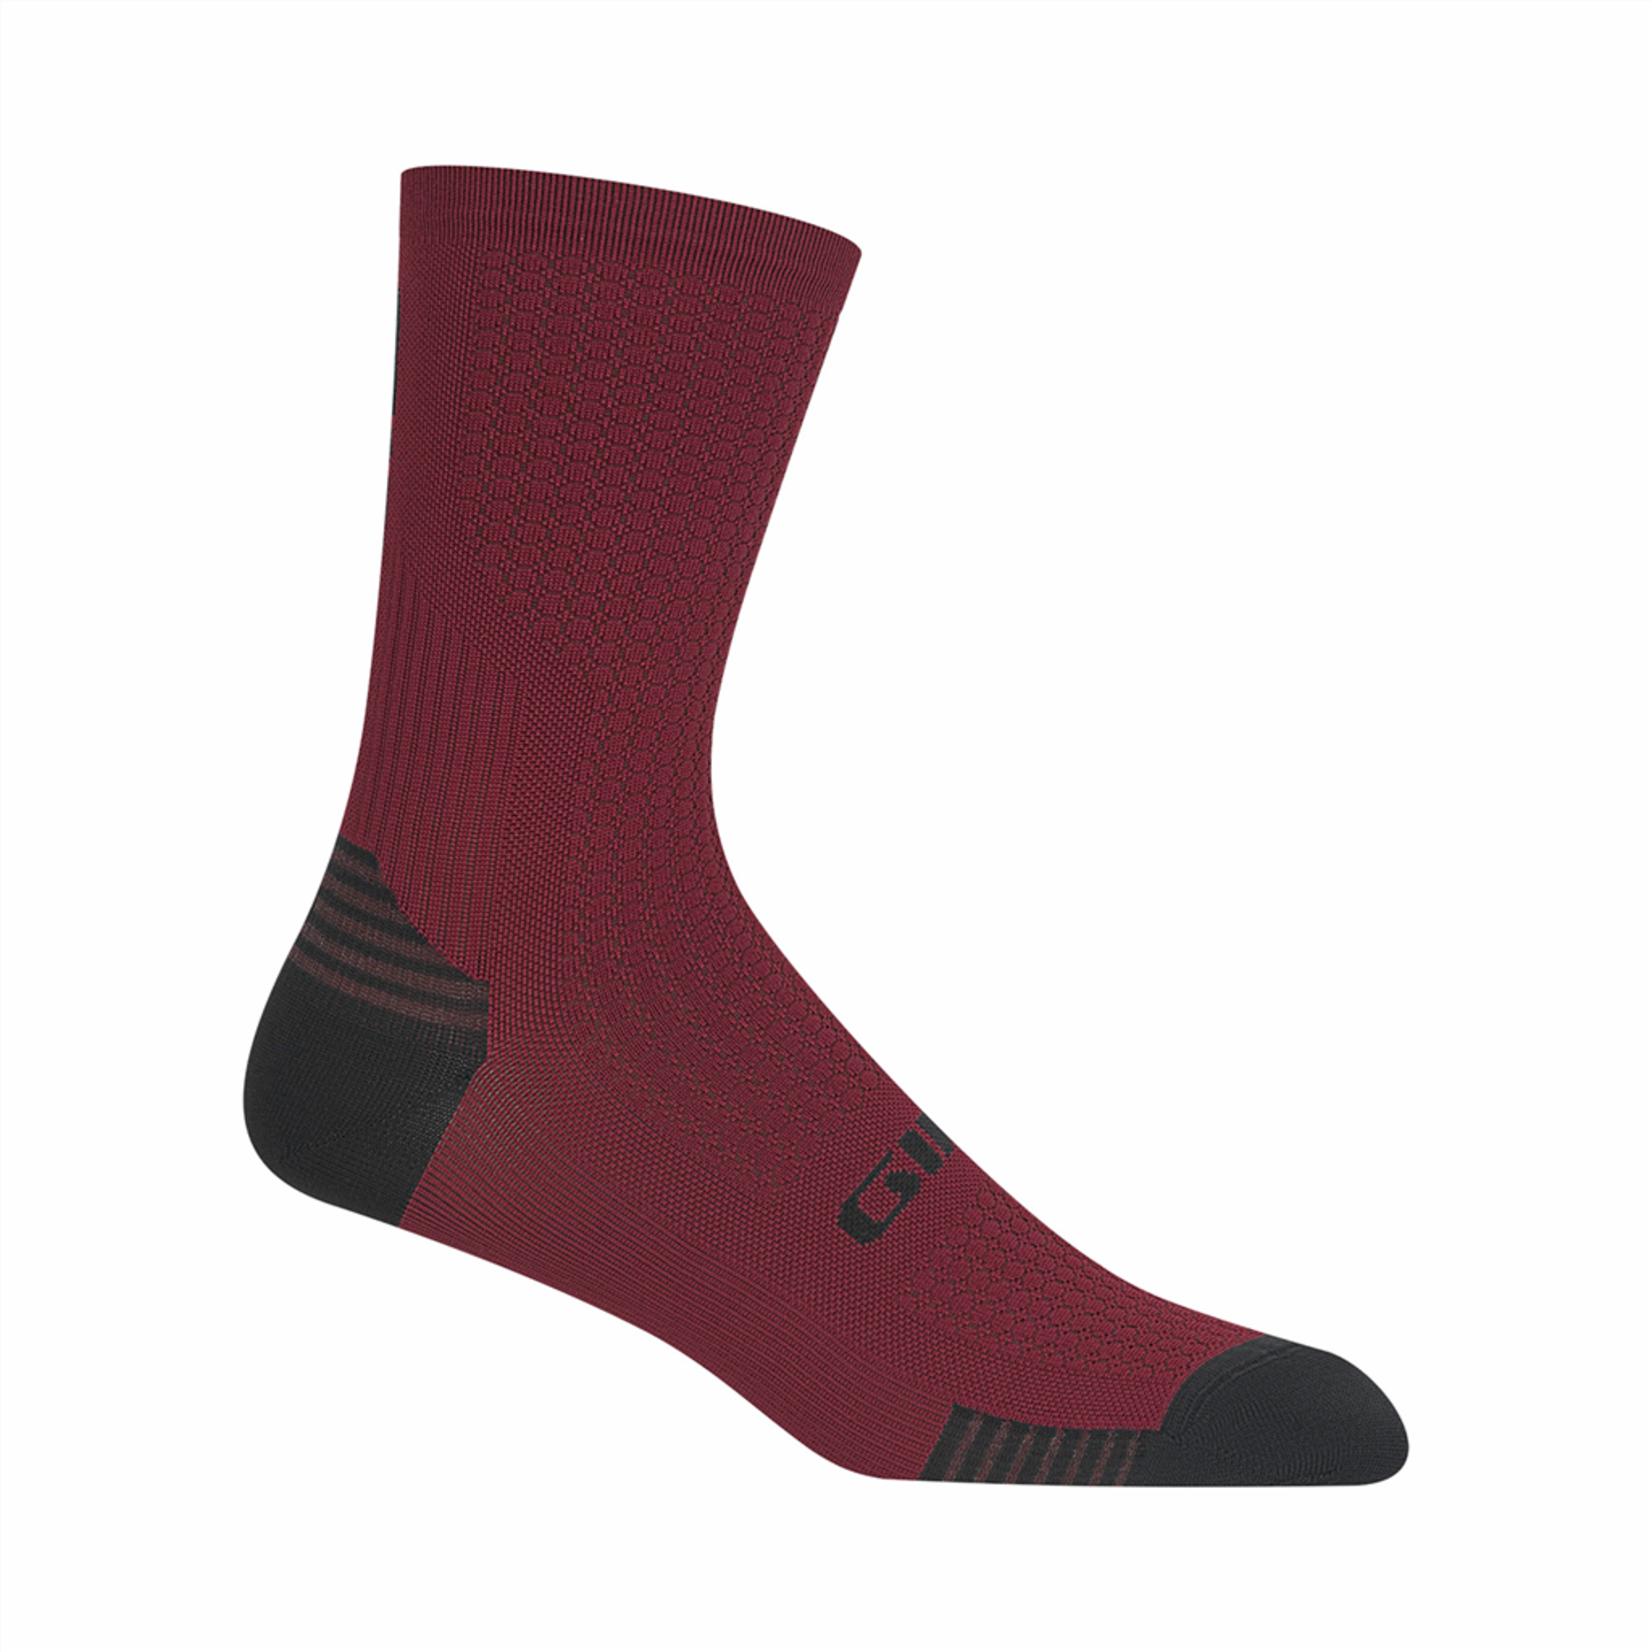 Giro Giro - Socke HRc + Grip oxblood M